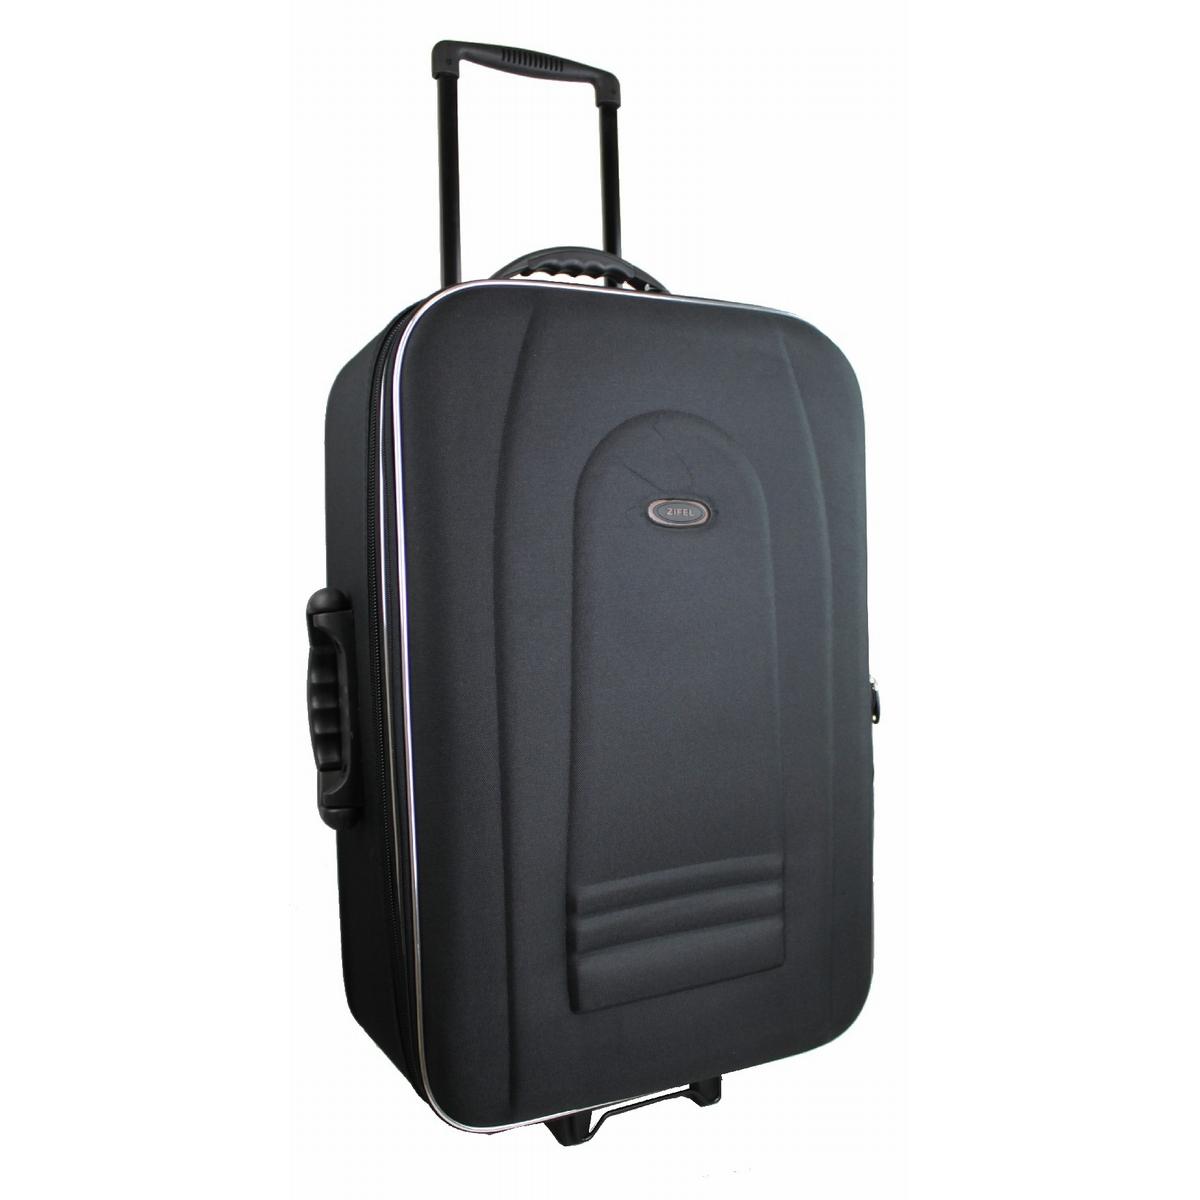 valise souple pas cher ensemble valises souples cabine. Black Bedroom Furniture Sets. Home Design Ideas